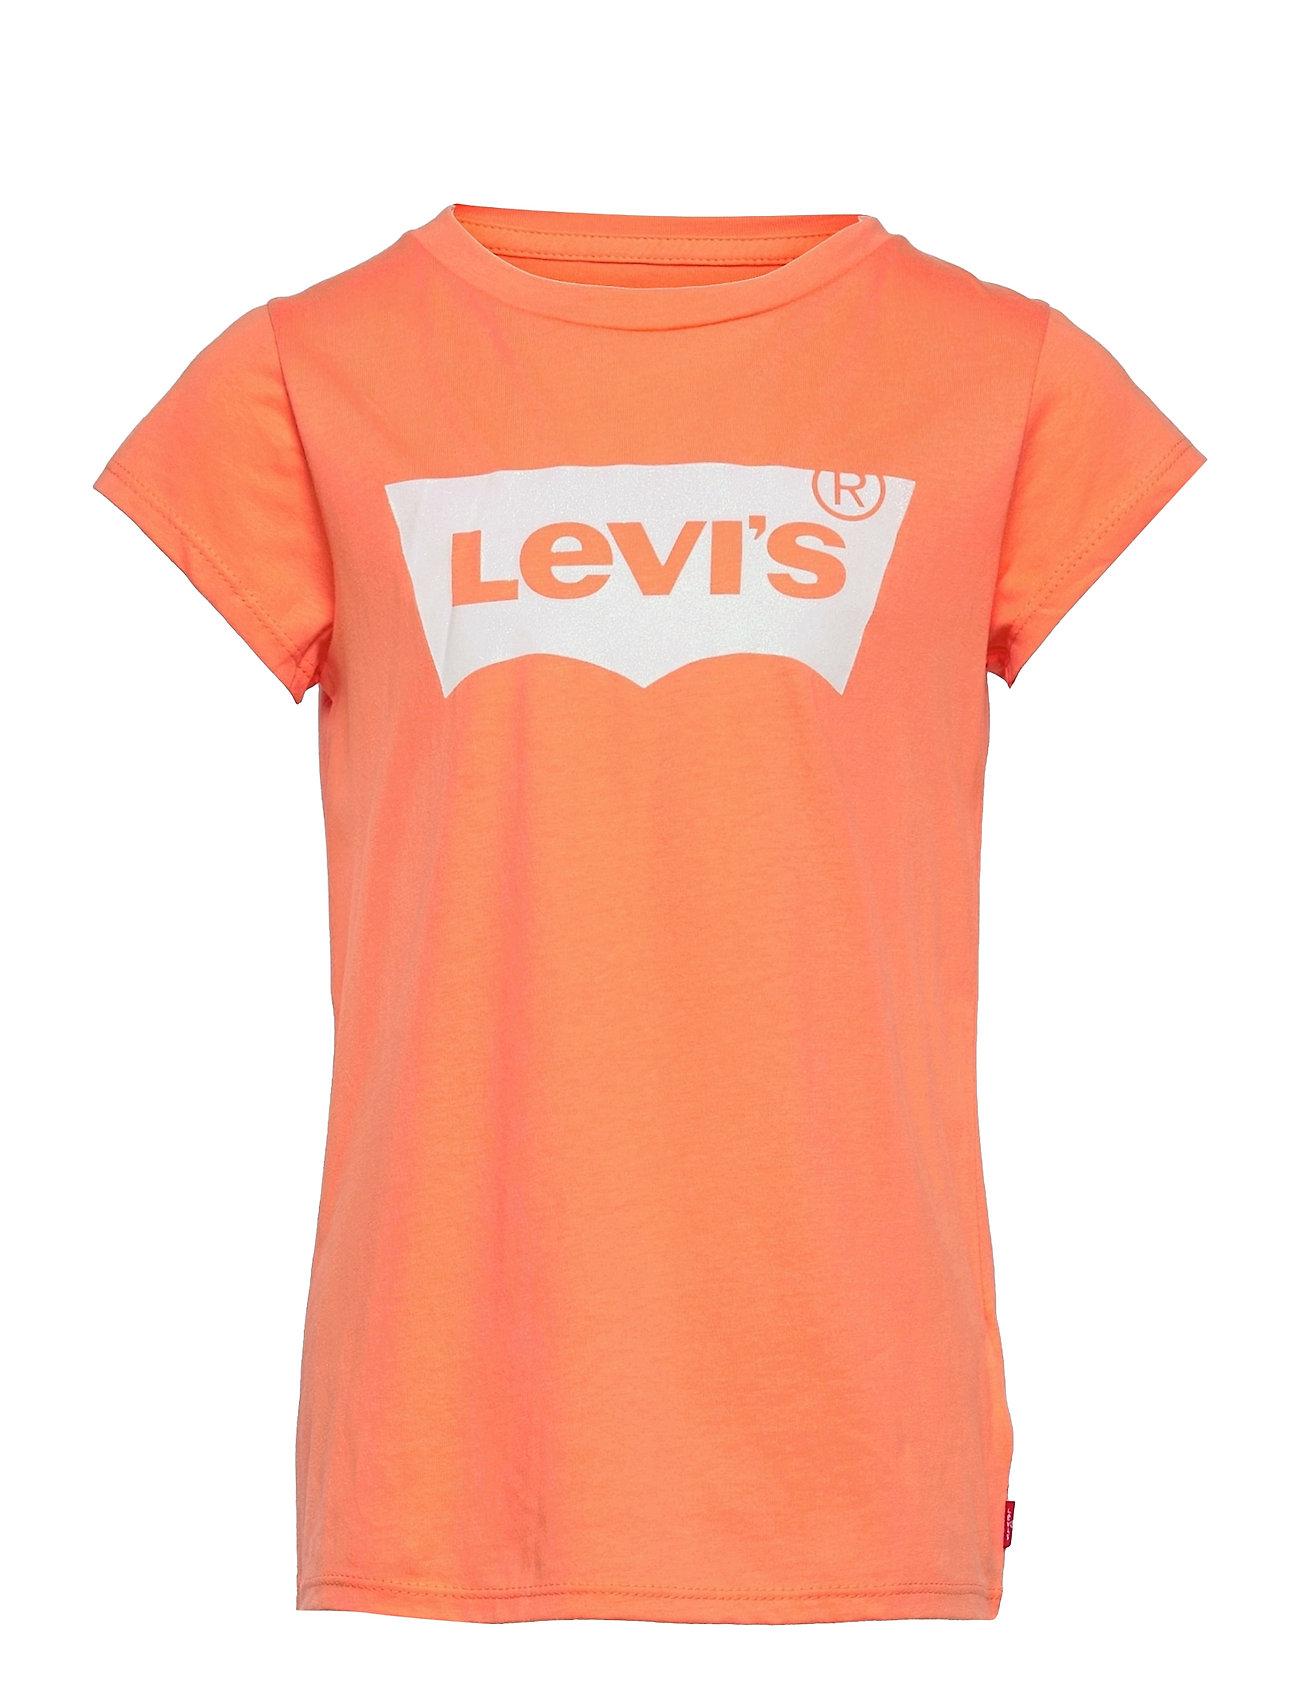 Tee-Shirt T-shirt Orange Levi's